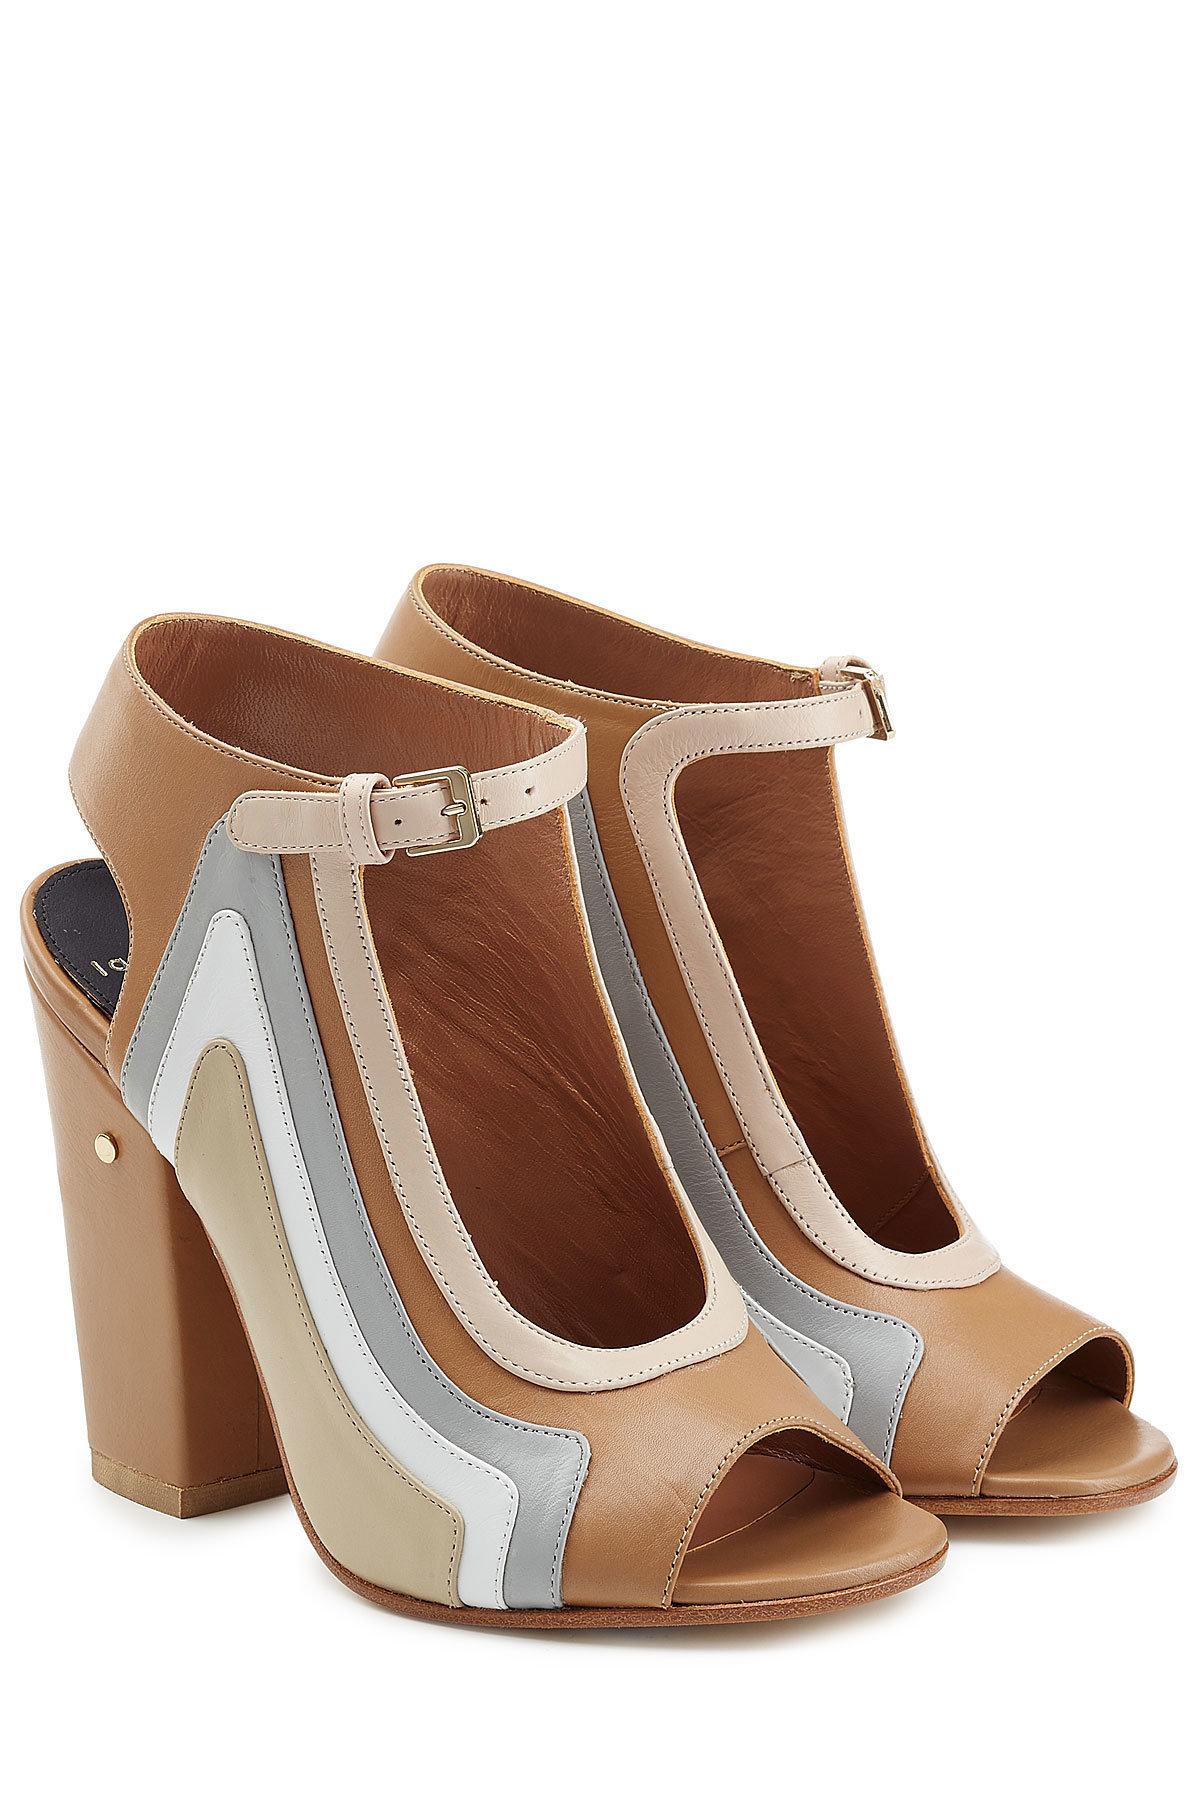 LAURENCE DACADE Keric Leather Block Heel Sandals Gr. IT 36 tunon12